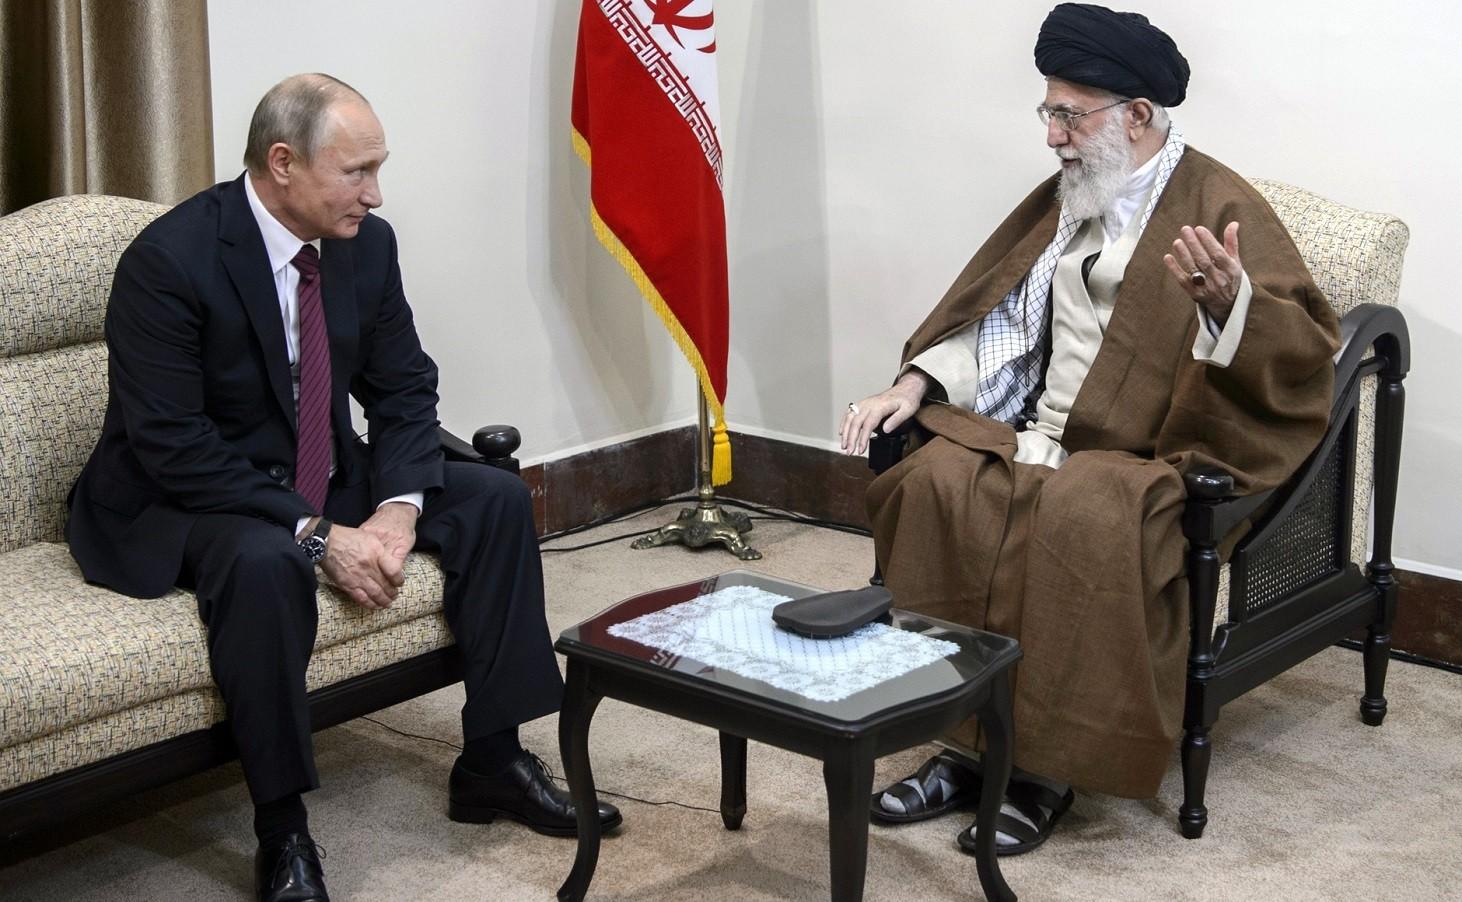 vladimir_putin_and_ali_khamenei_2017-11-01_01